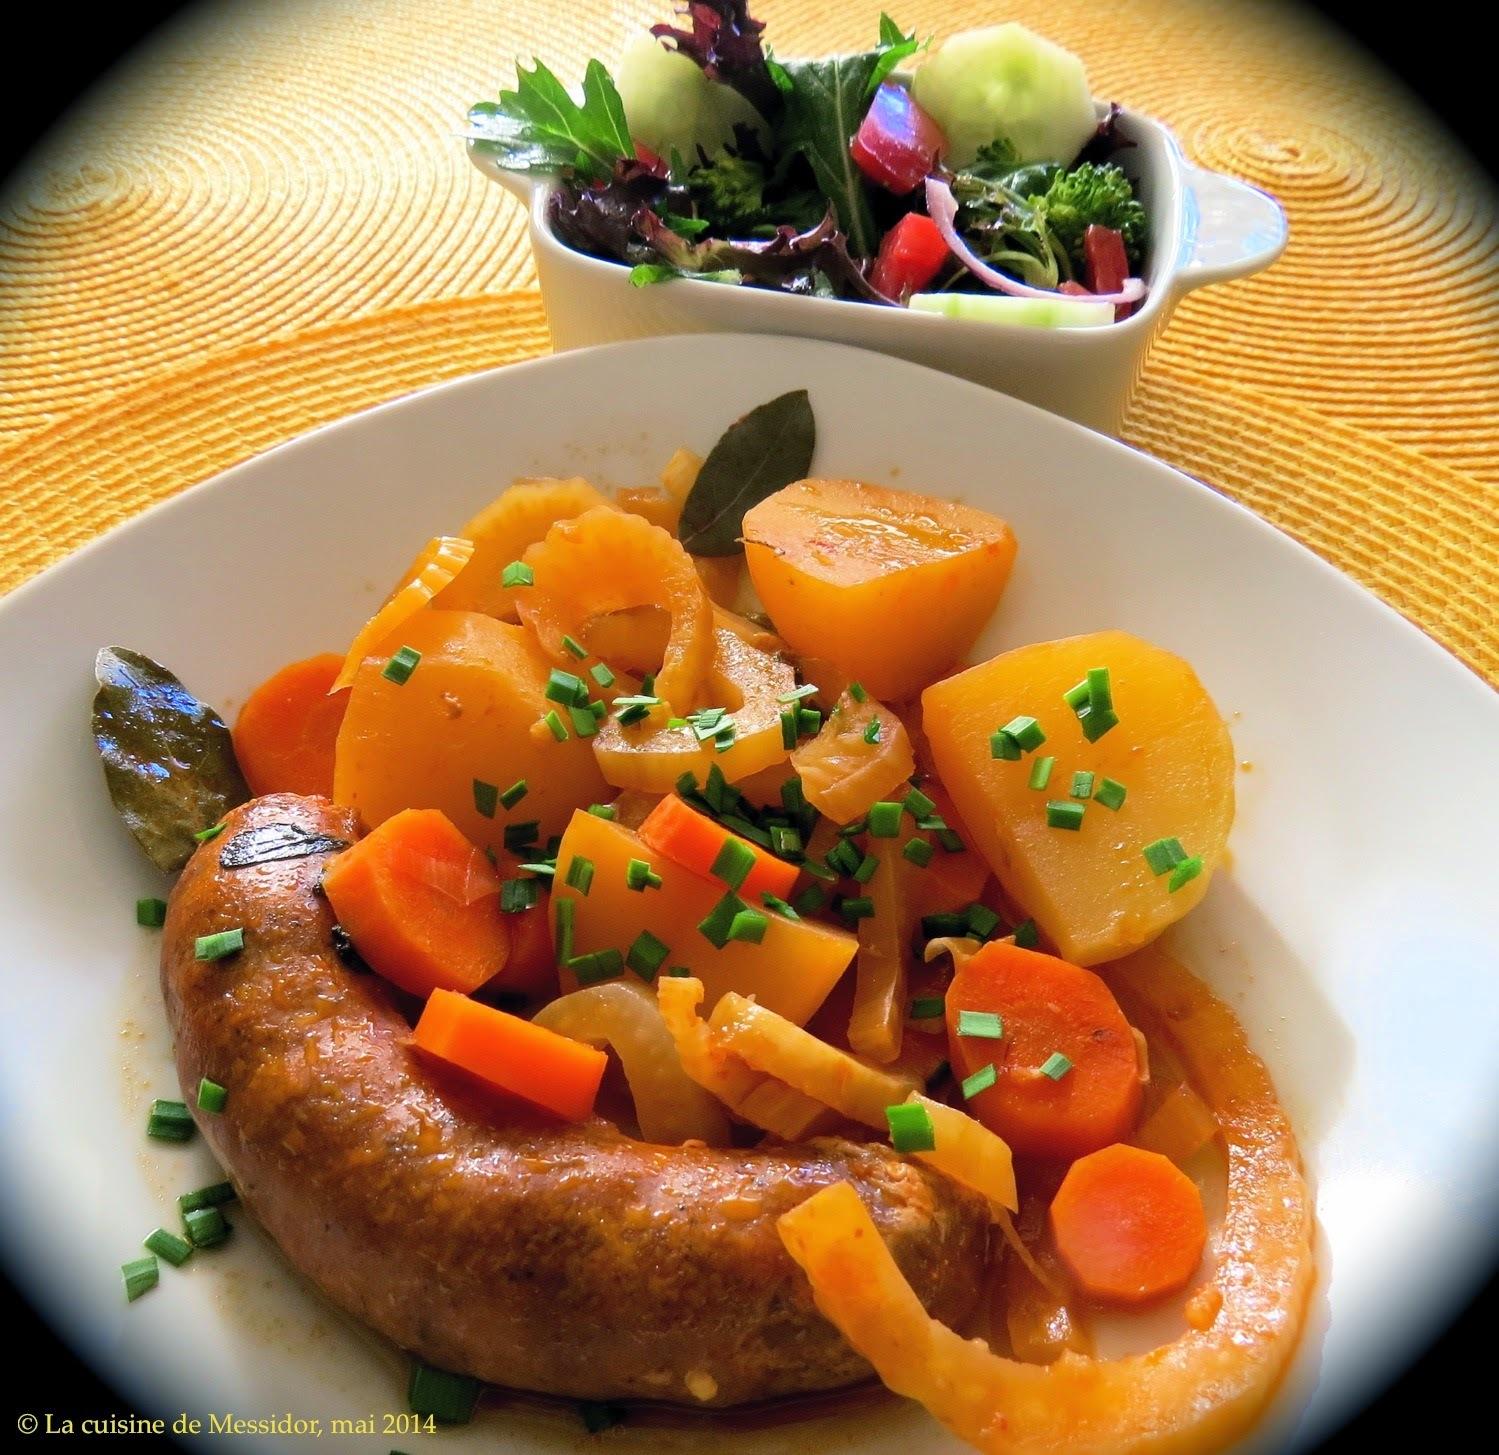 Mijoté de saucisses au fenouil et aux pommes de terre